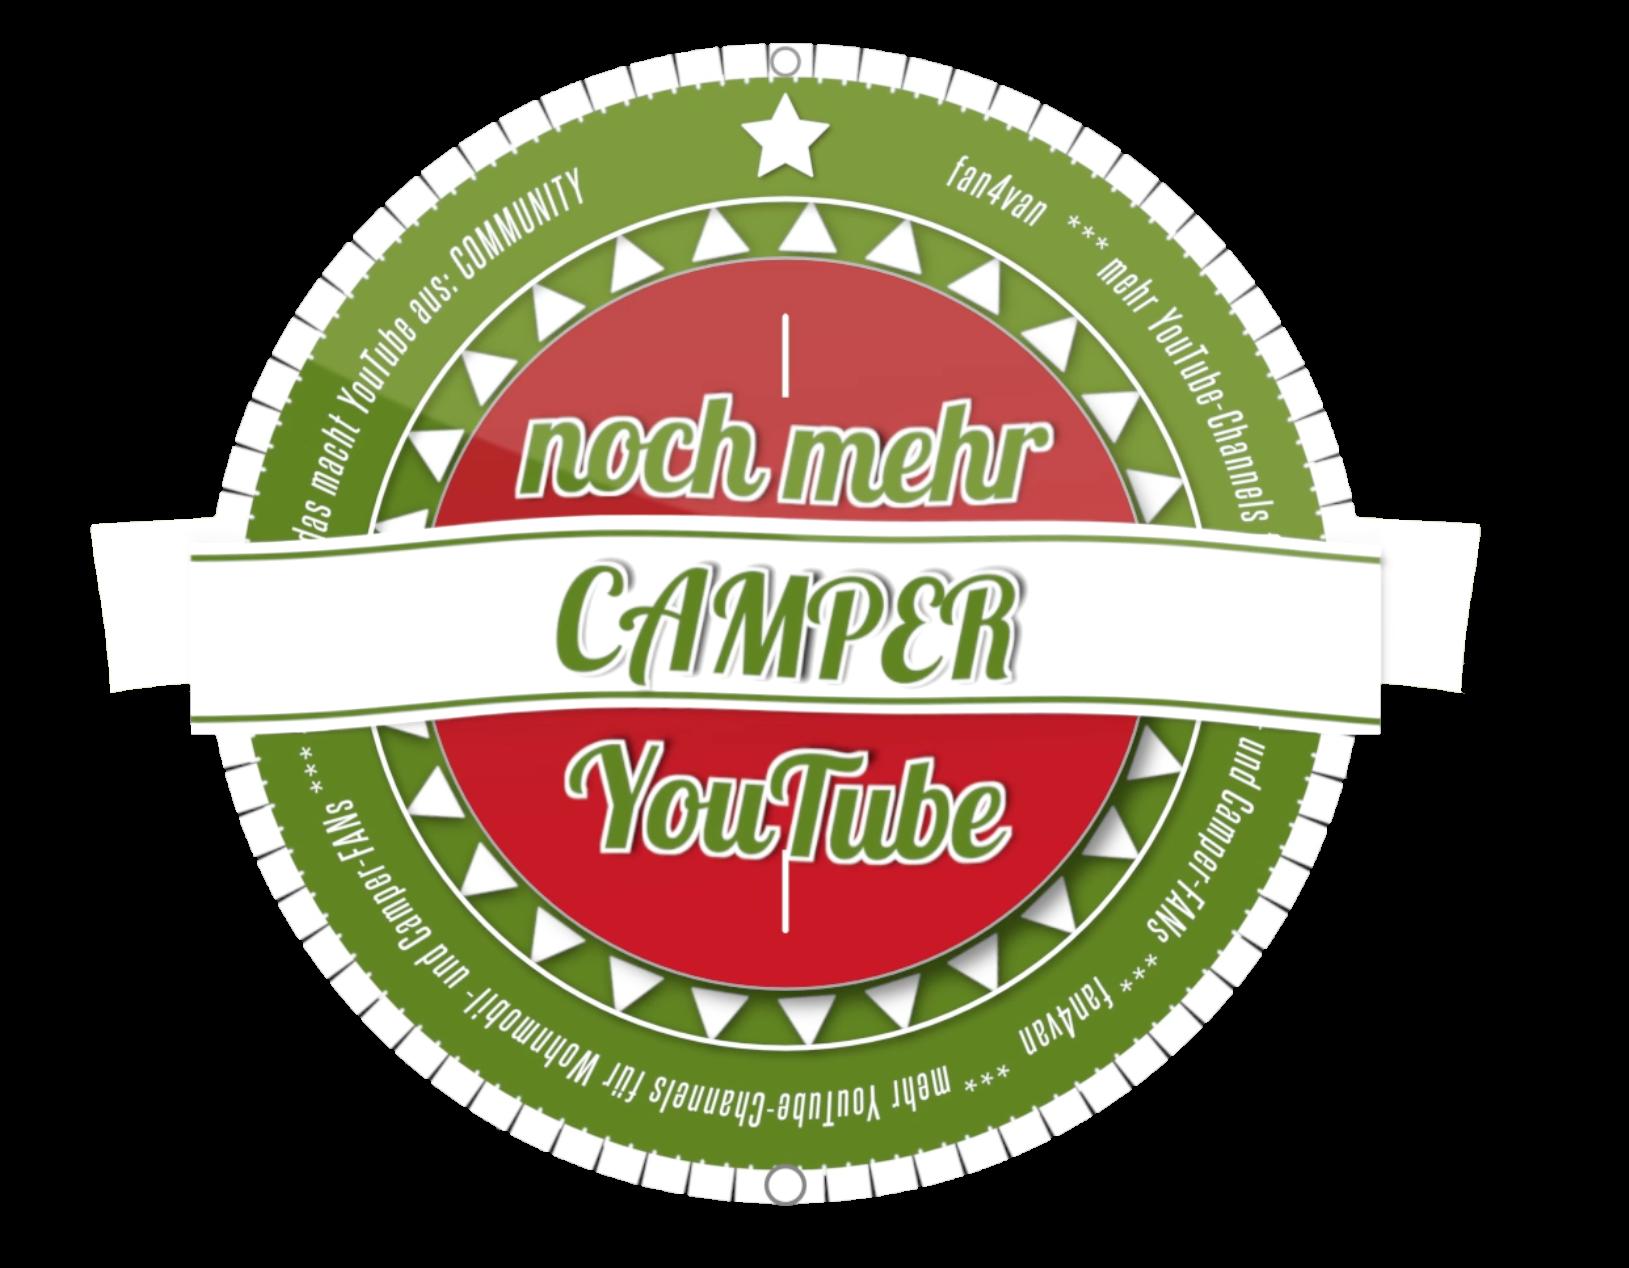 In der Serie Die Besten YouTube Kanäle für Camper und Wohnmobil-Fans möchte ich Euch YouTube-Kanäle vorstellen, die sich mit den Themen Wohnmobil, Wohnwagen, Camper, Outdoor etc. beschäftigen.